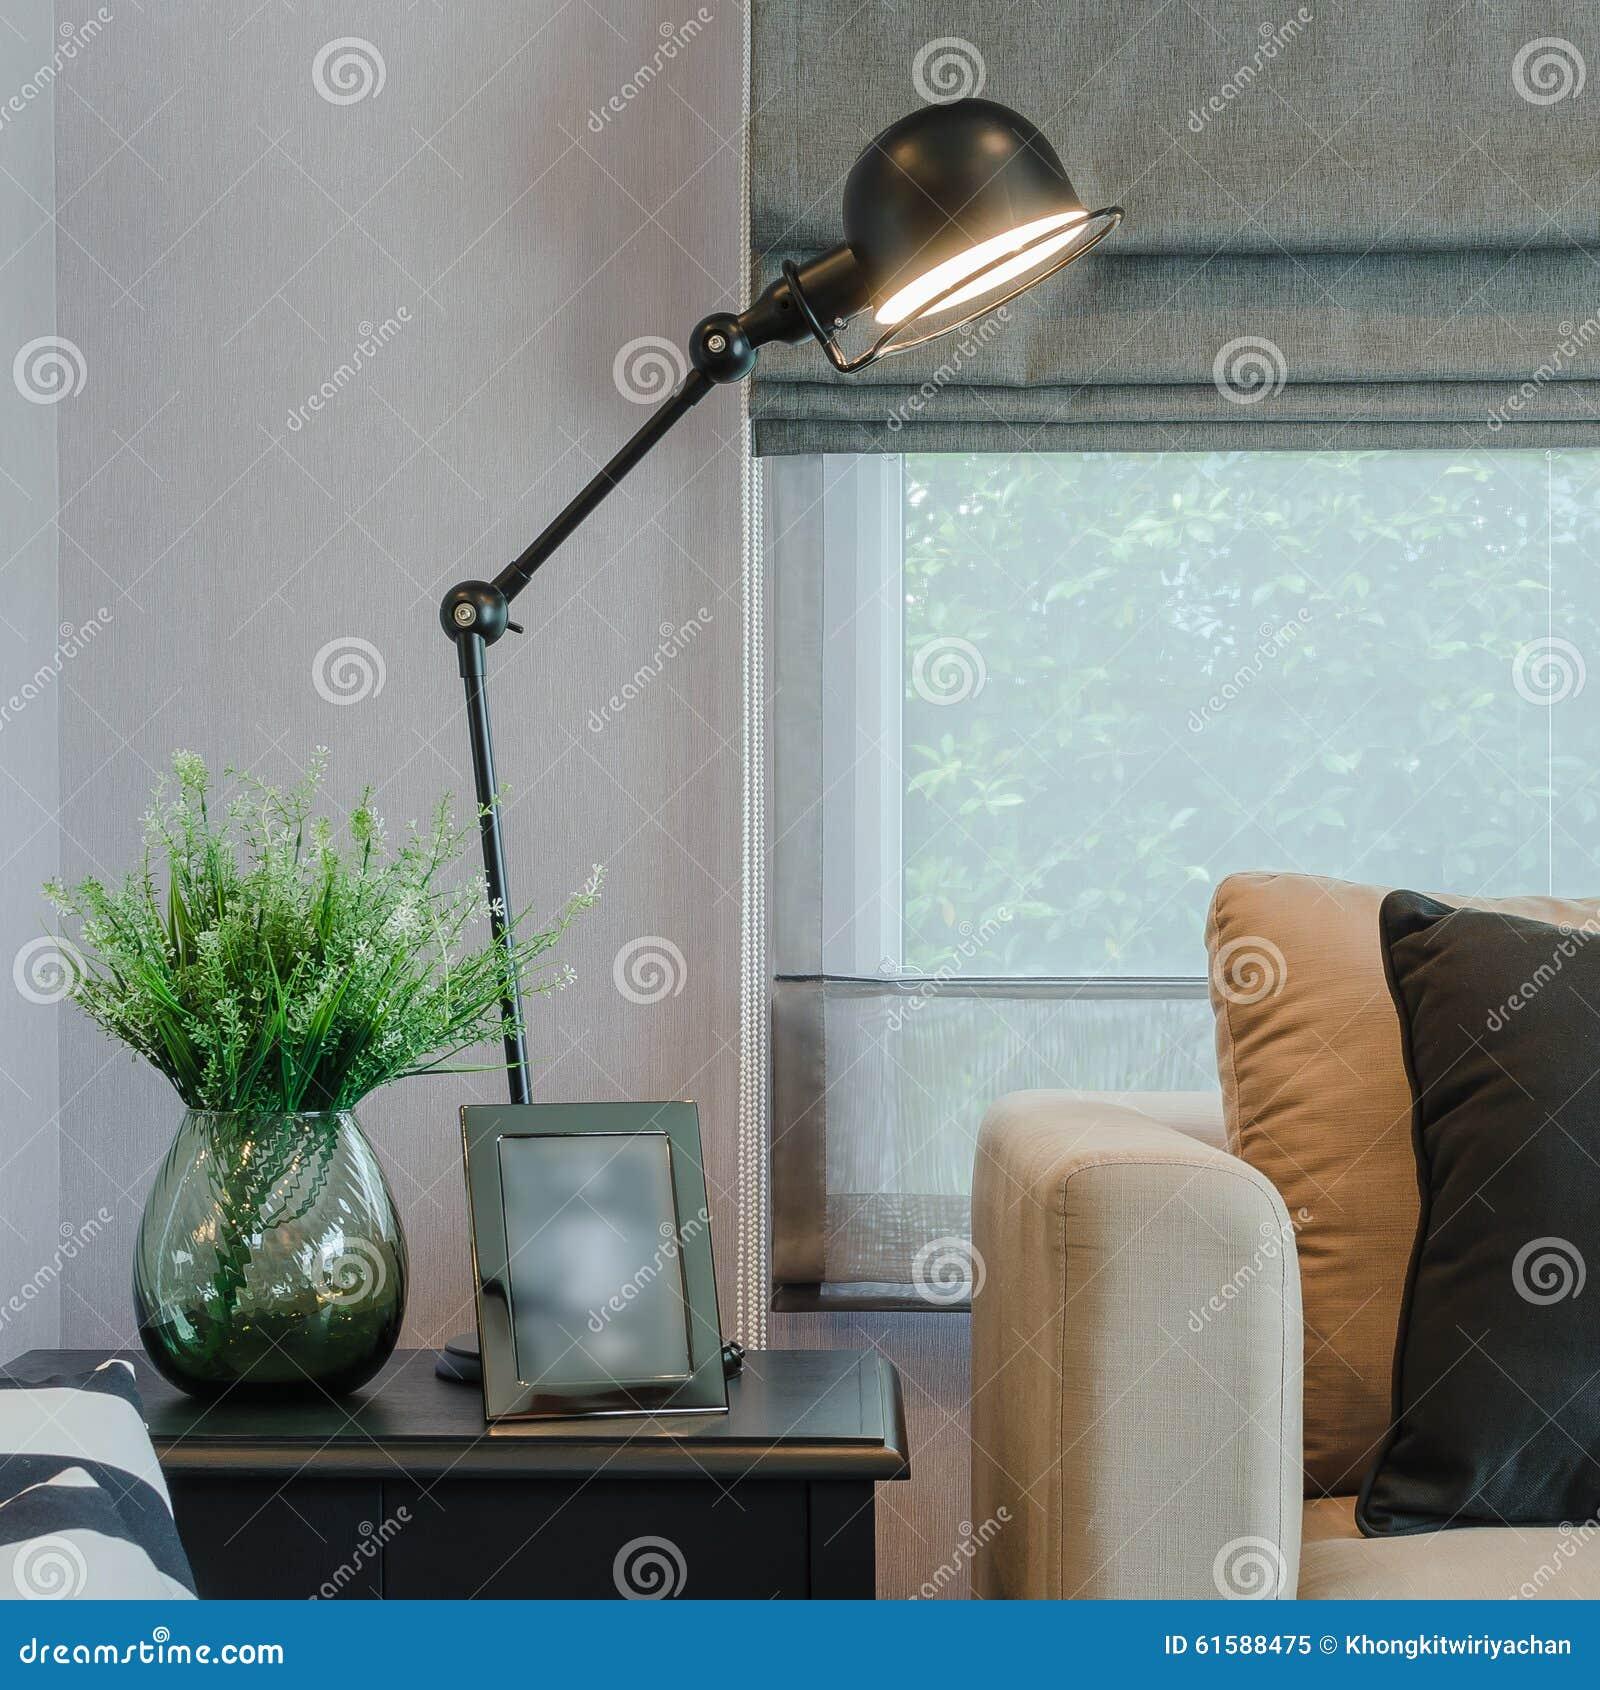 Σύγχρονο καθιστικό με το μαύρο λαμπτήρα από την επιτραπέζια πλευρά